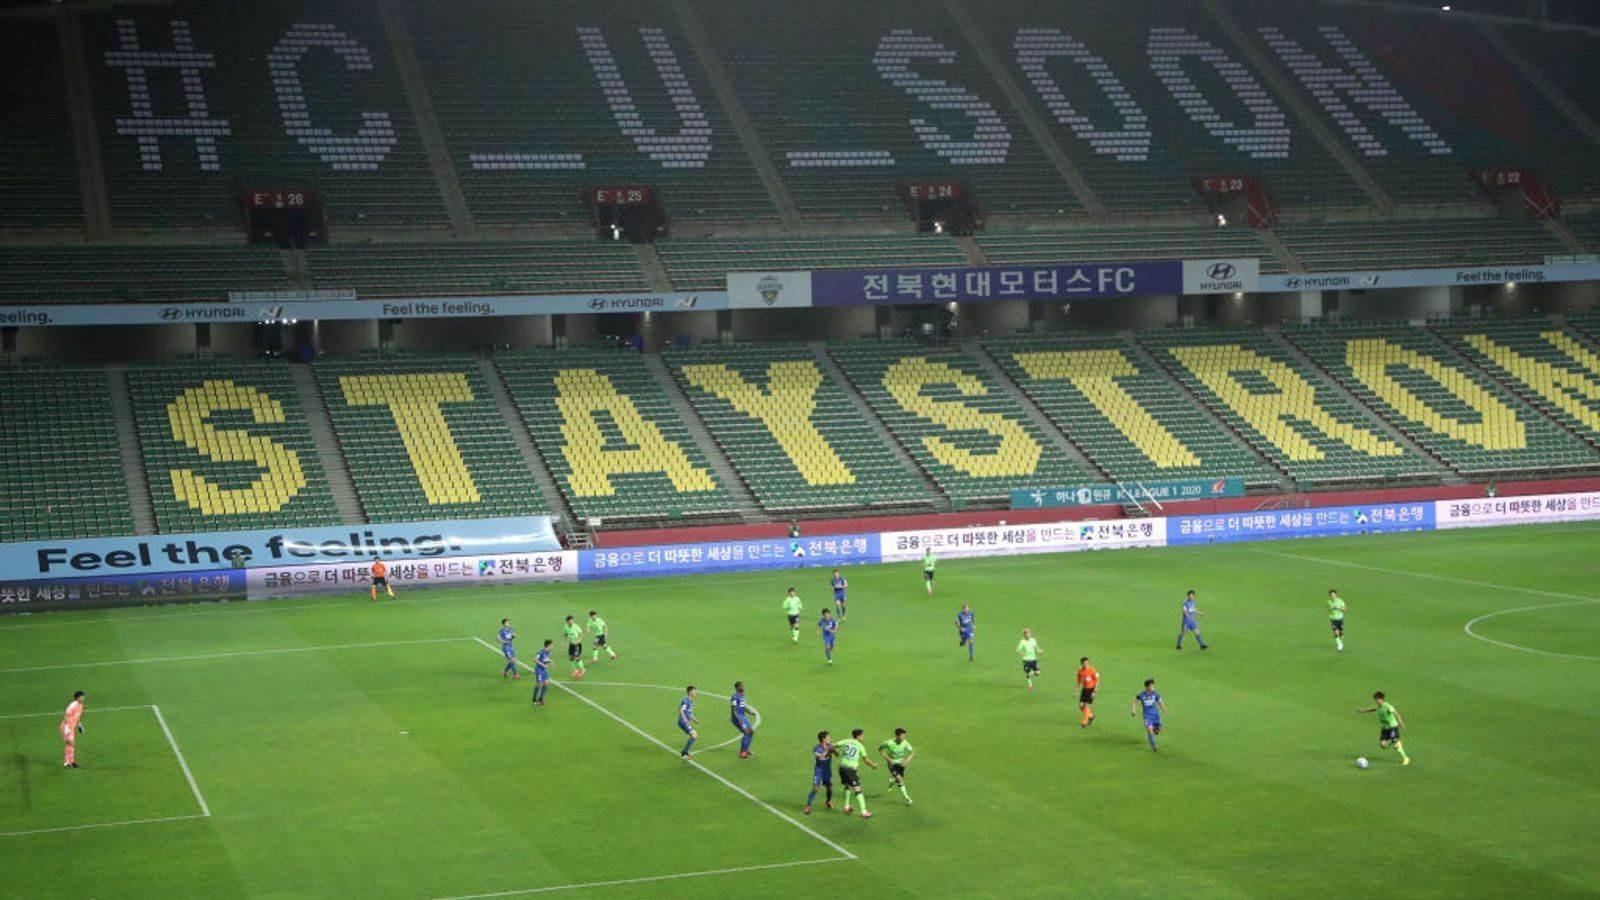 مباراة في الدوري الكوري الممتاز لكرة القدم